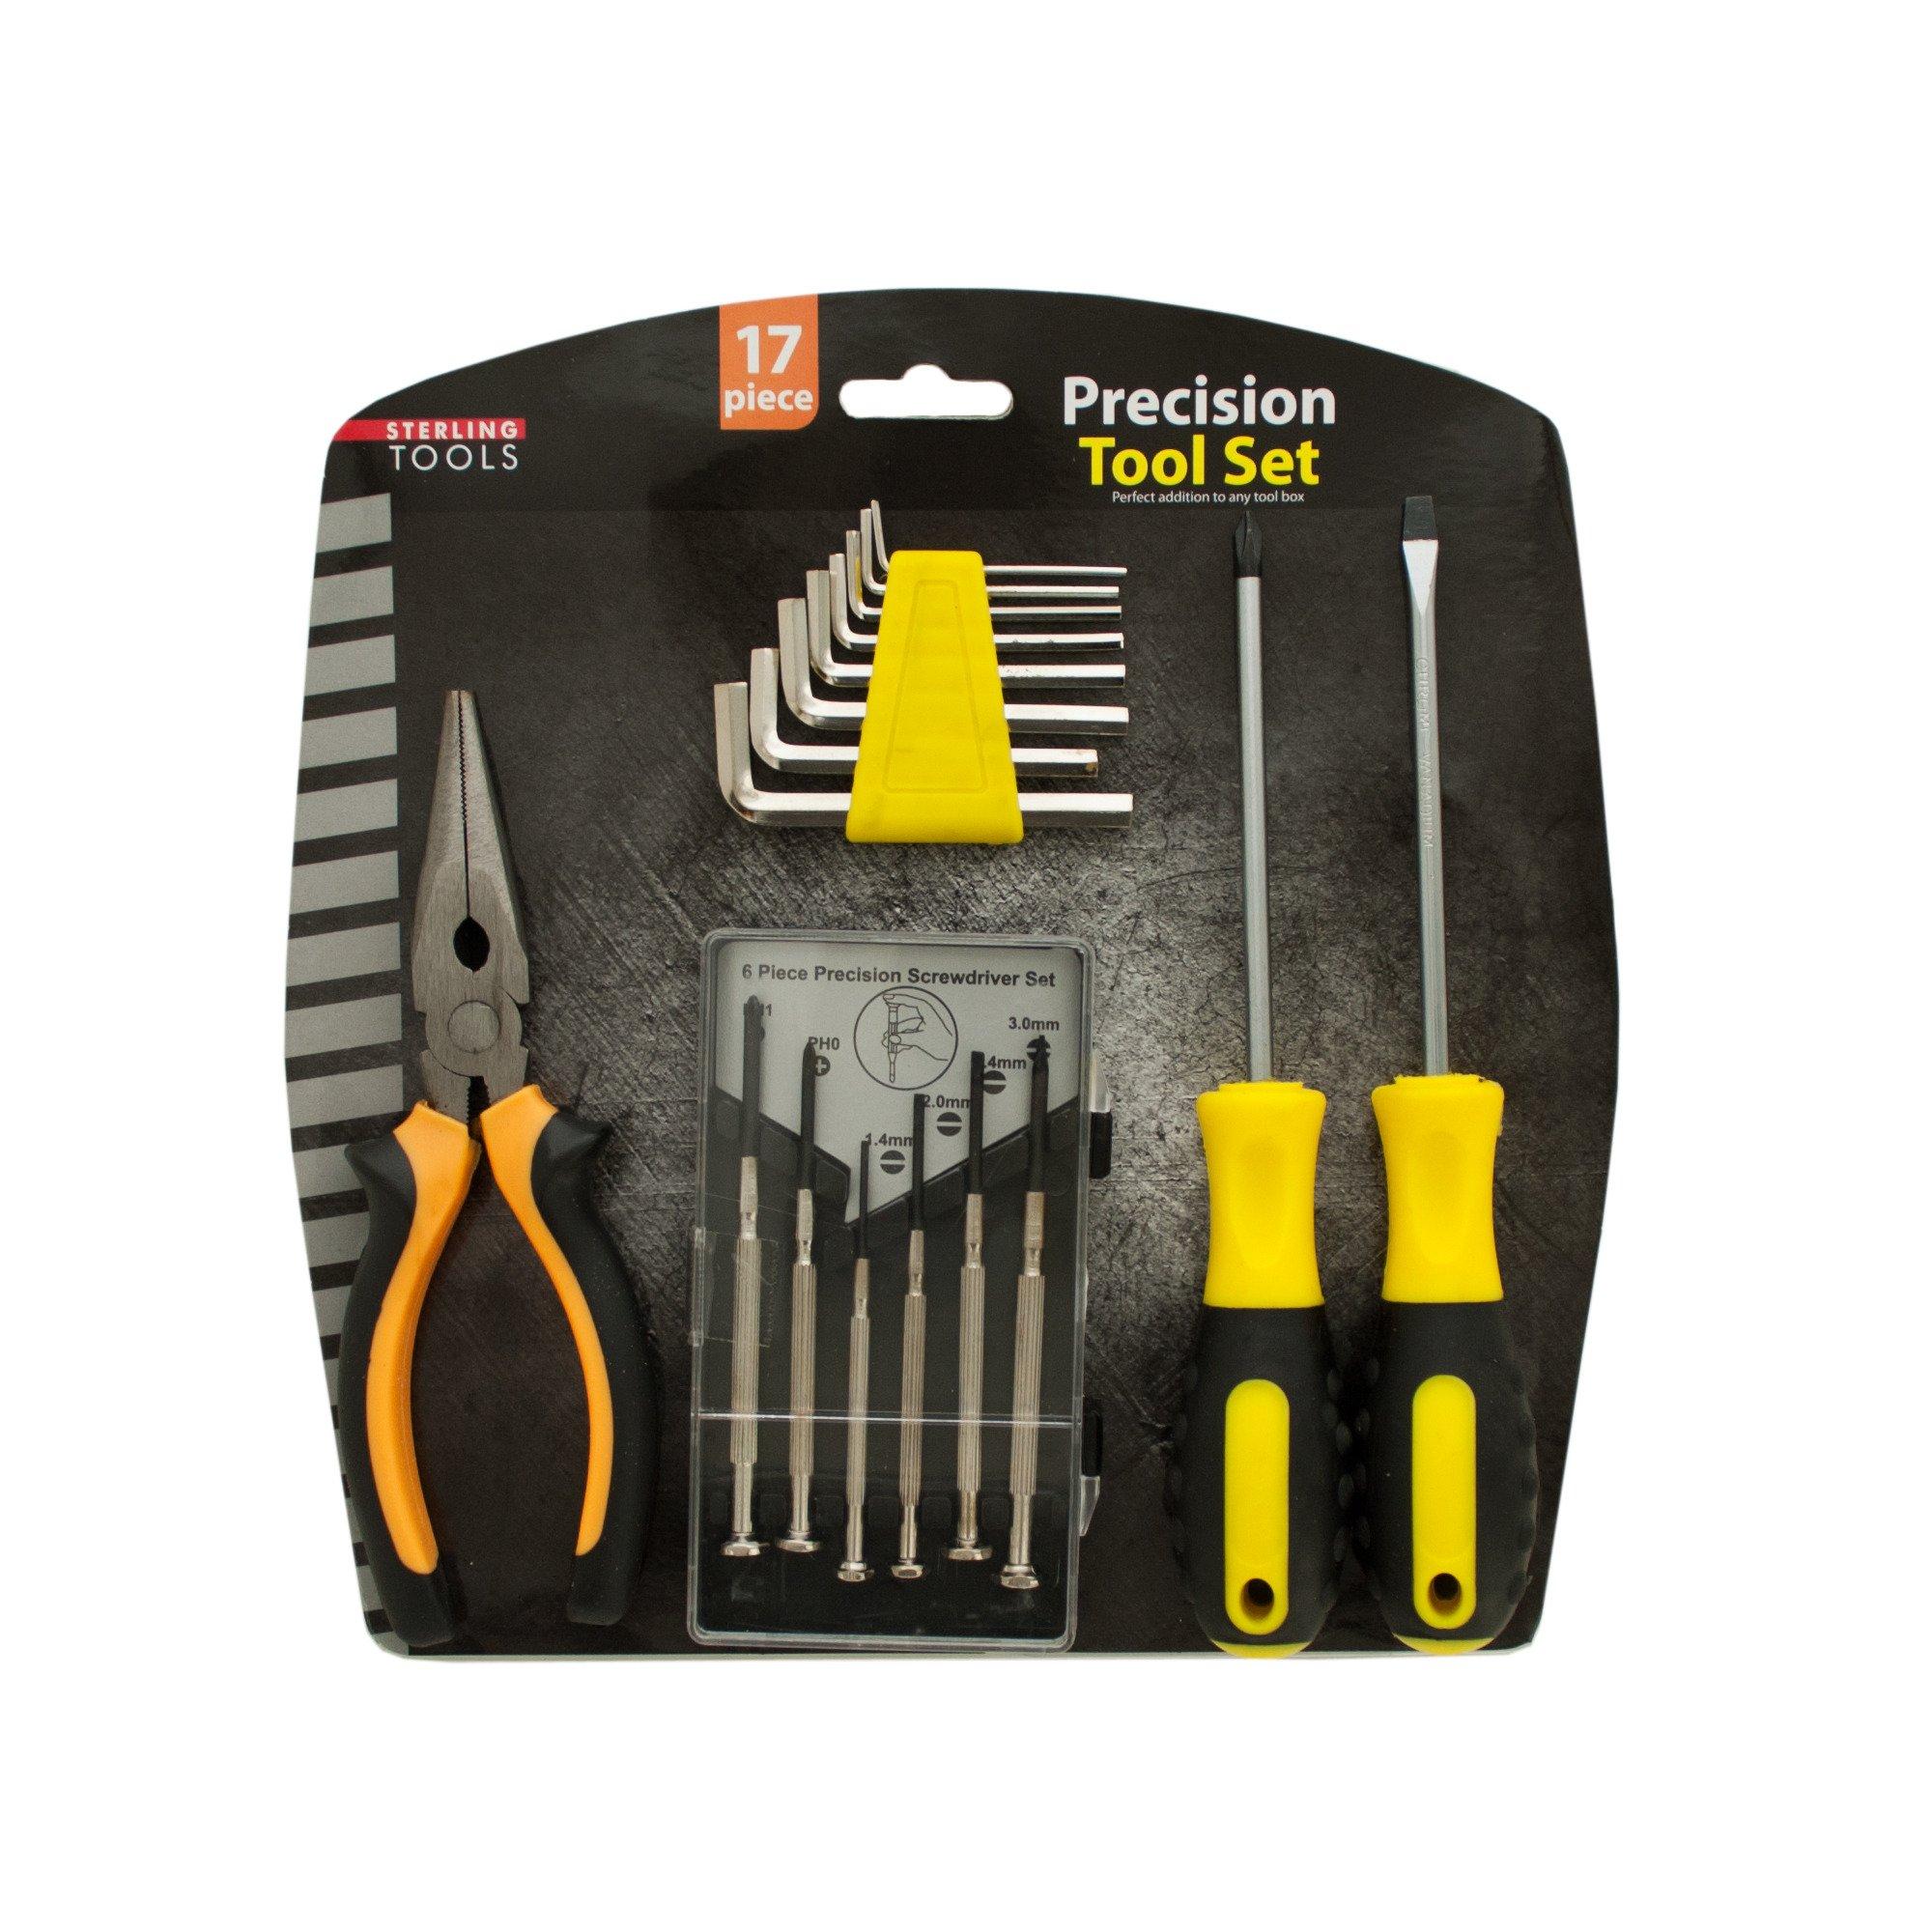 Kole OF498 Precision Tool Set by Kole